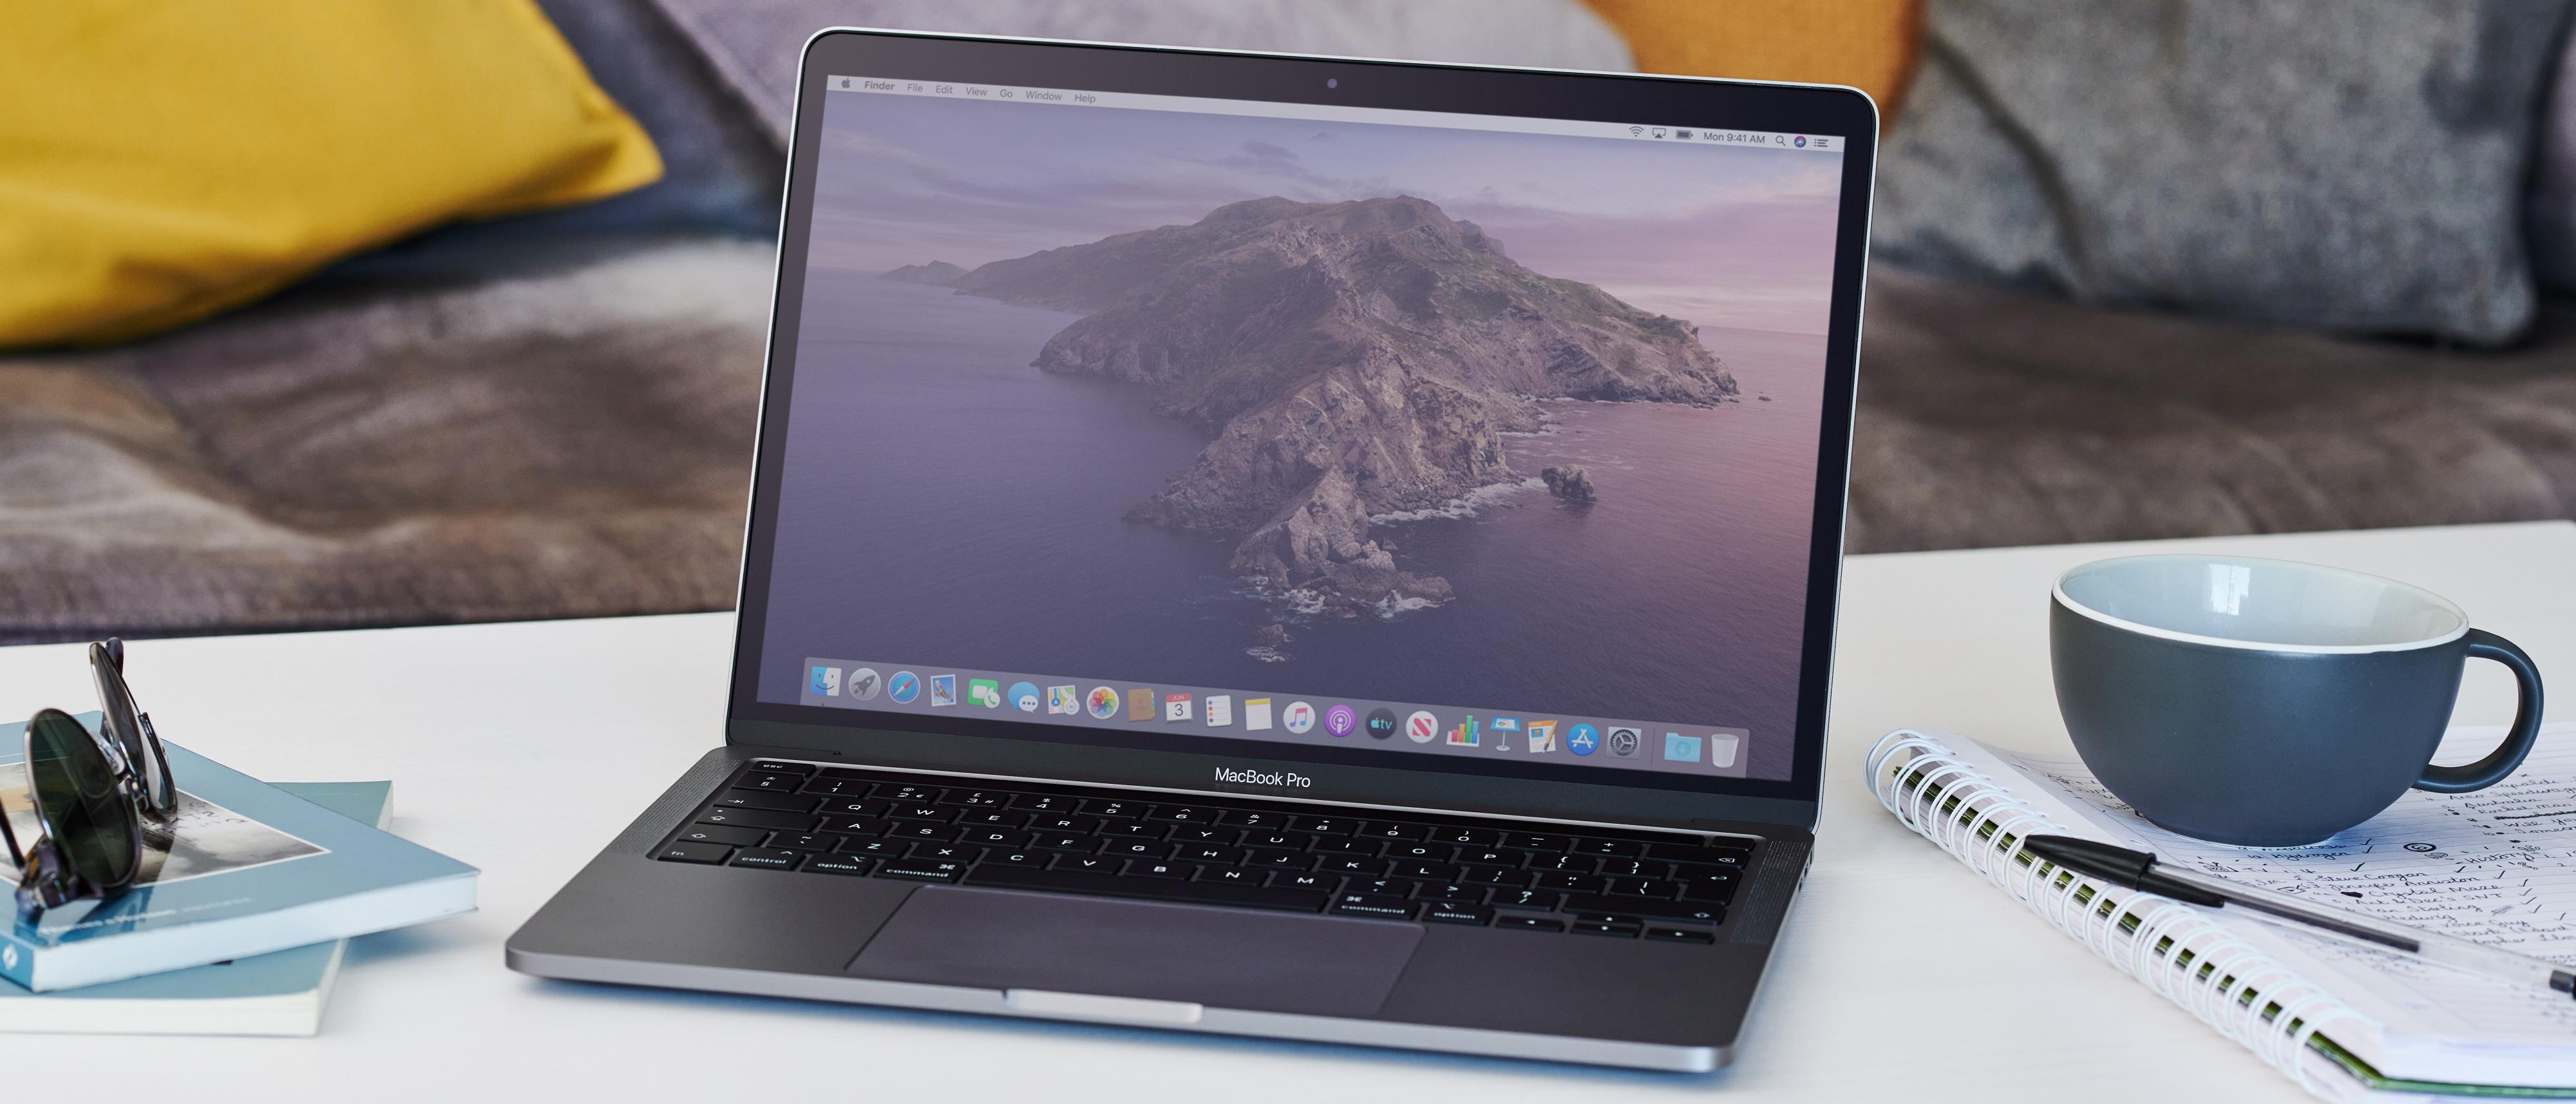 apple macbook pro 13 inch 2020